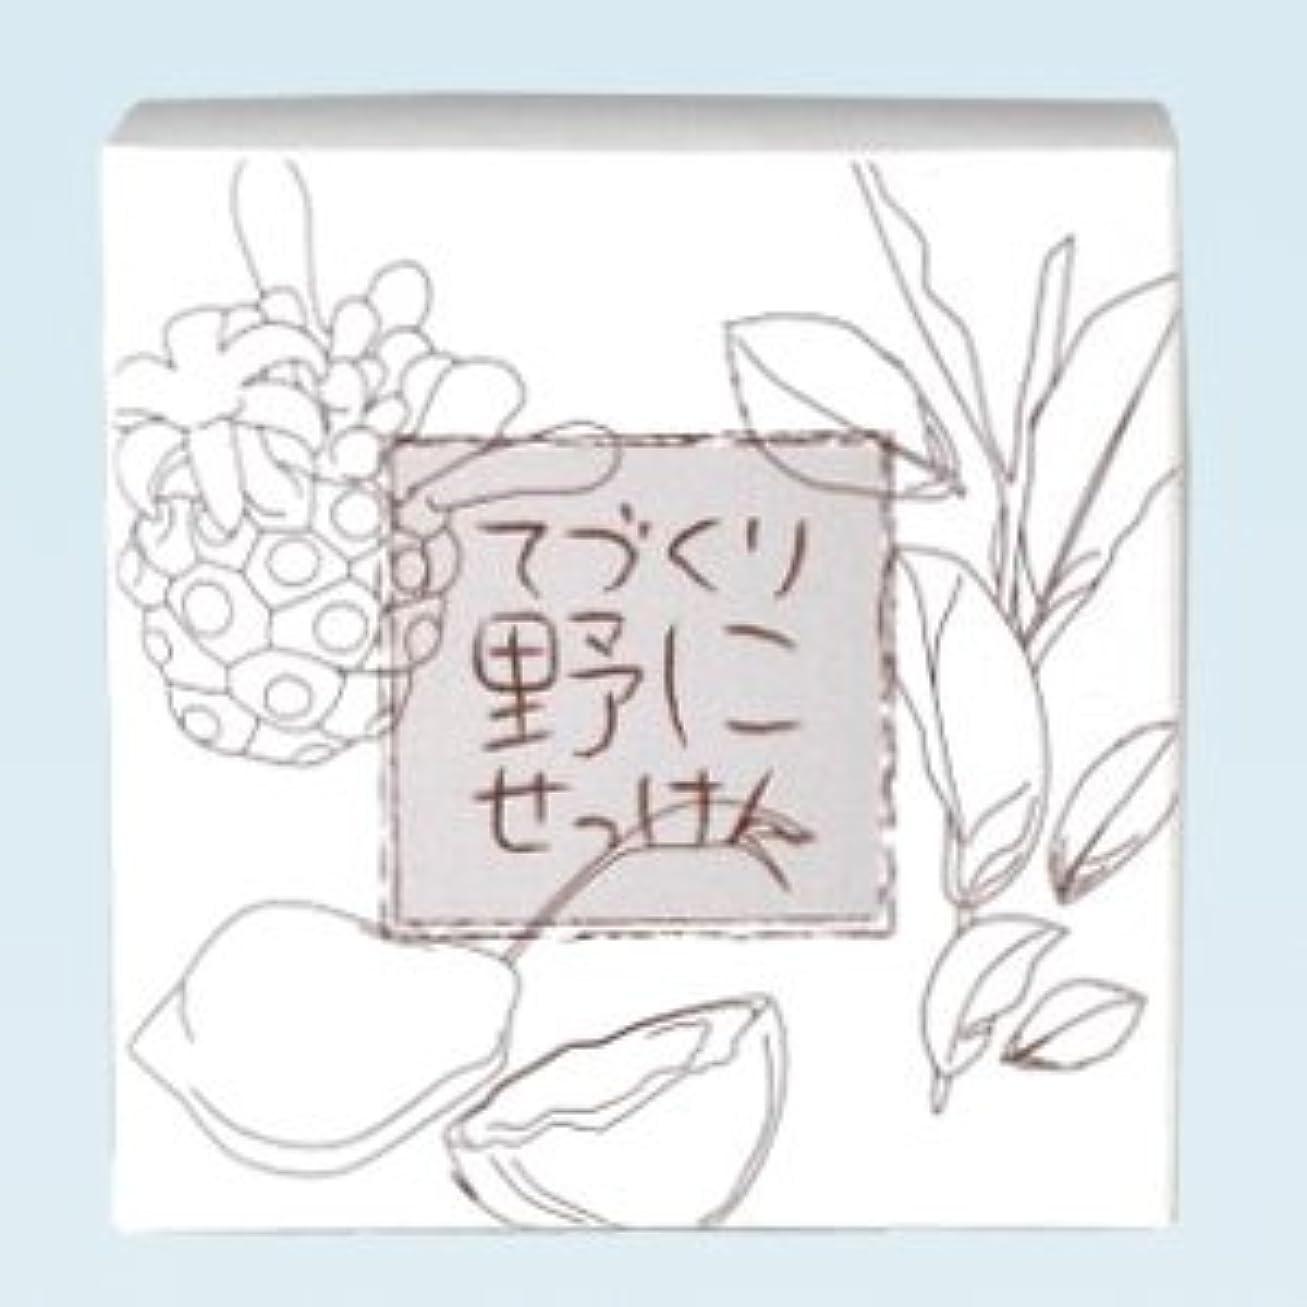 妖精ファランクス面倒緑茶ノニ石鹸 てづくり野にせっけん(115g)